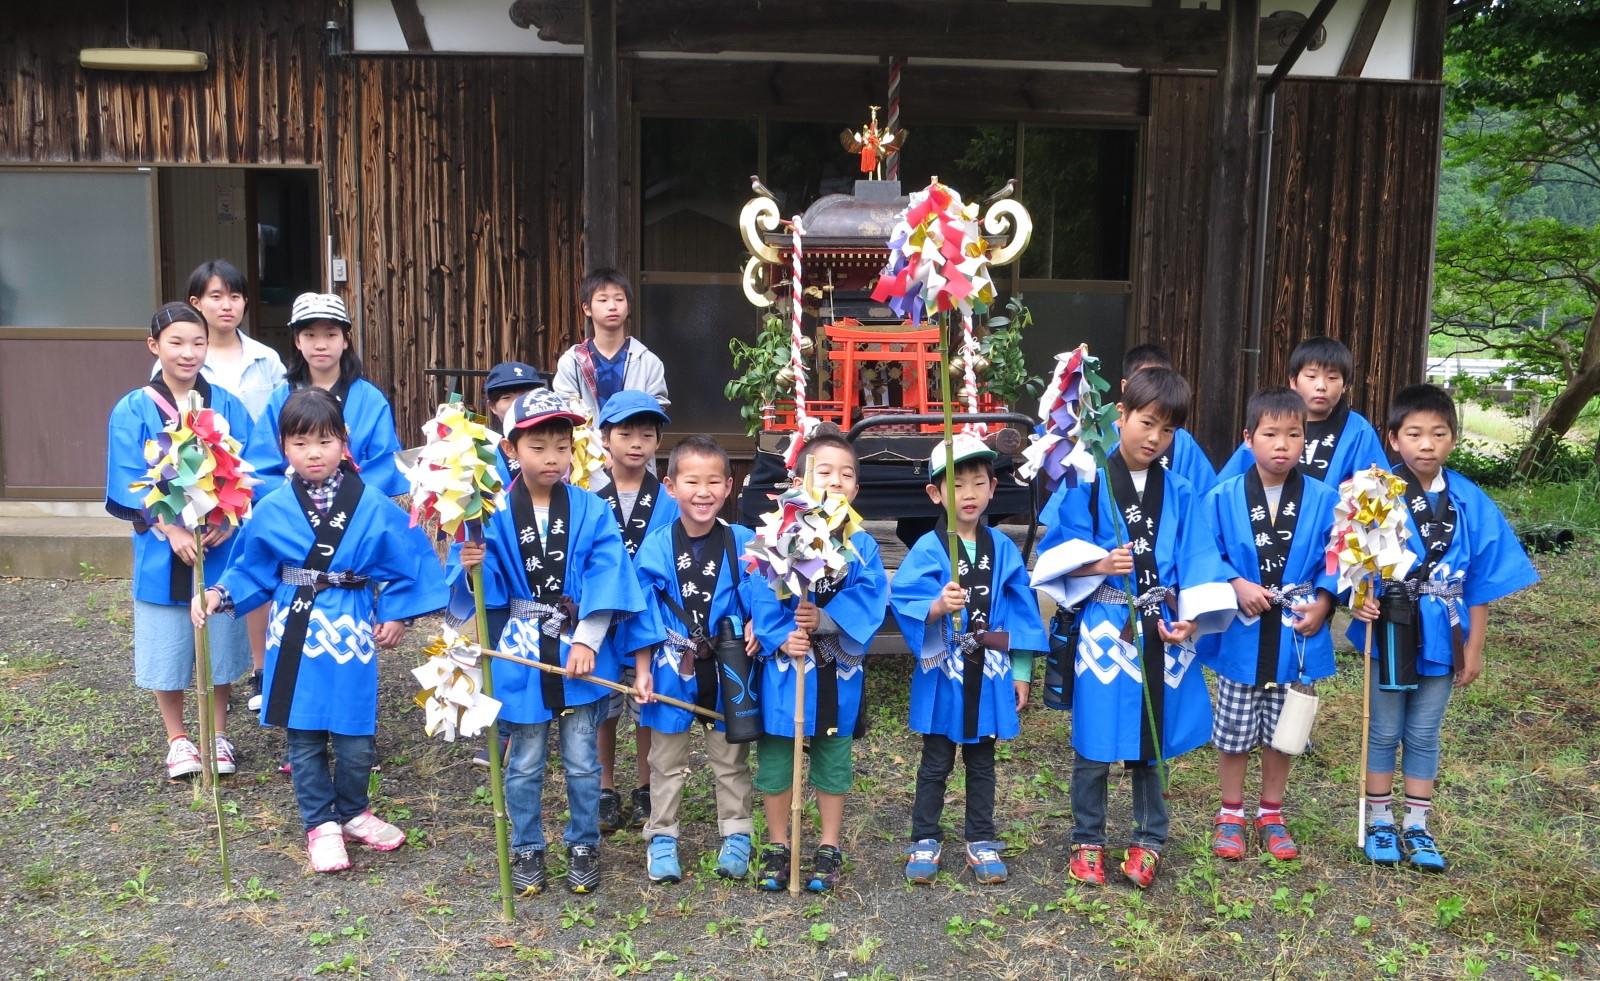 子供みこし 松永地区各区で子供たちが元気な声で御輿をひいて各家々を回りました。